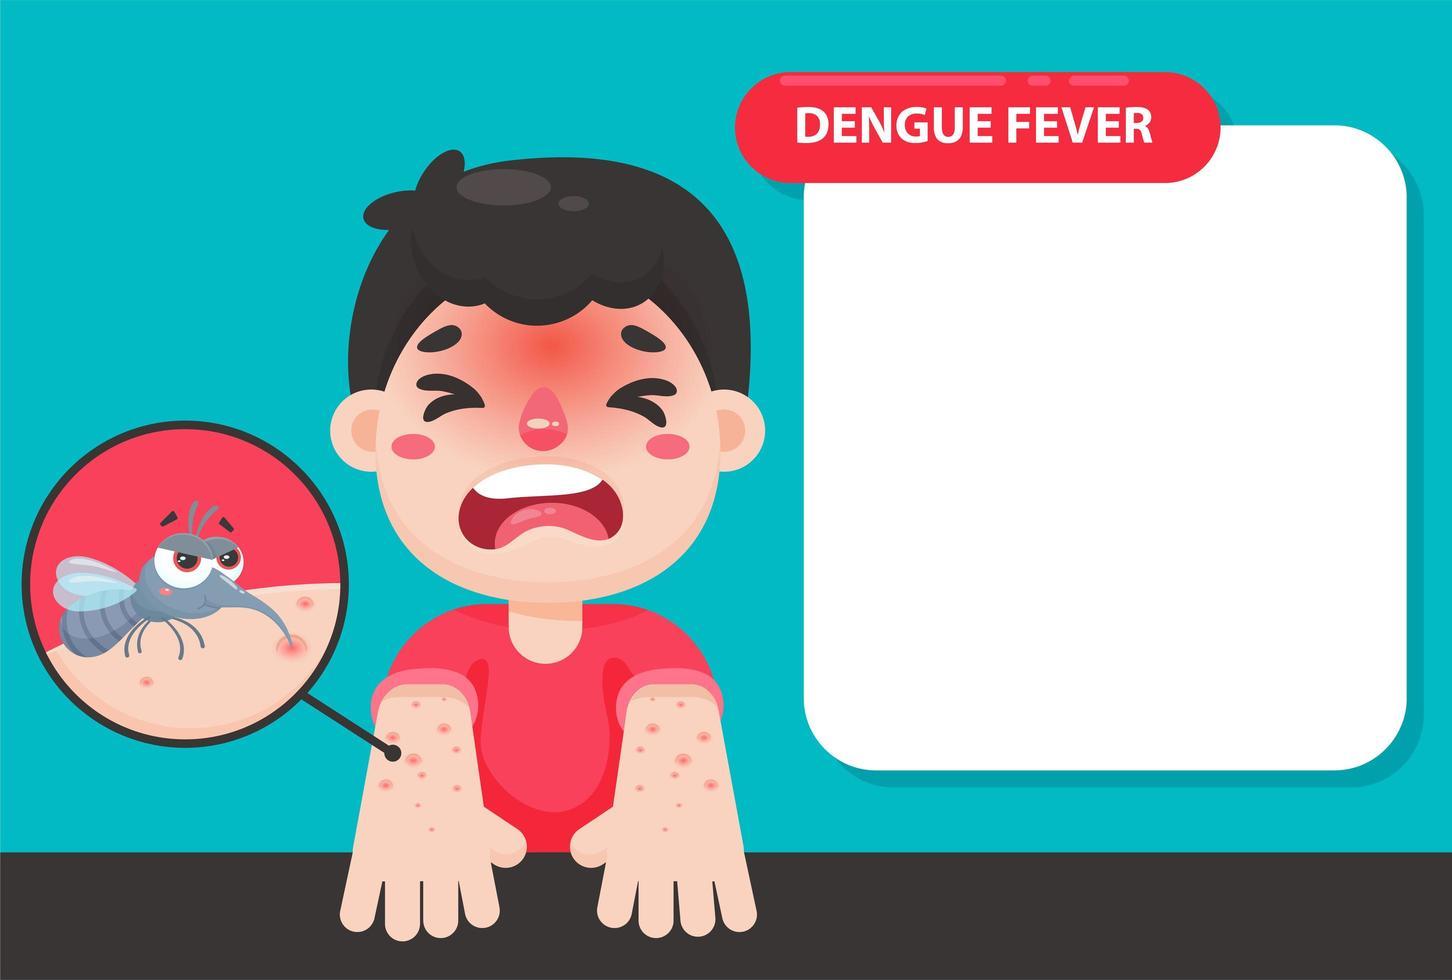 modèle de dengue mpsquito vecteur